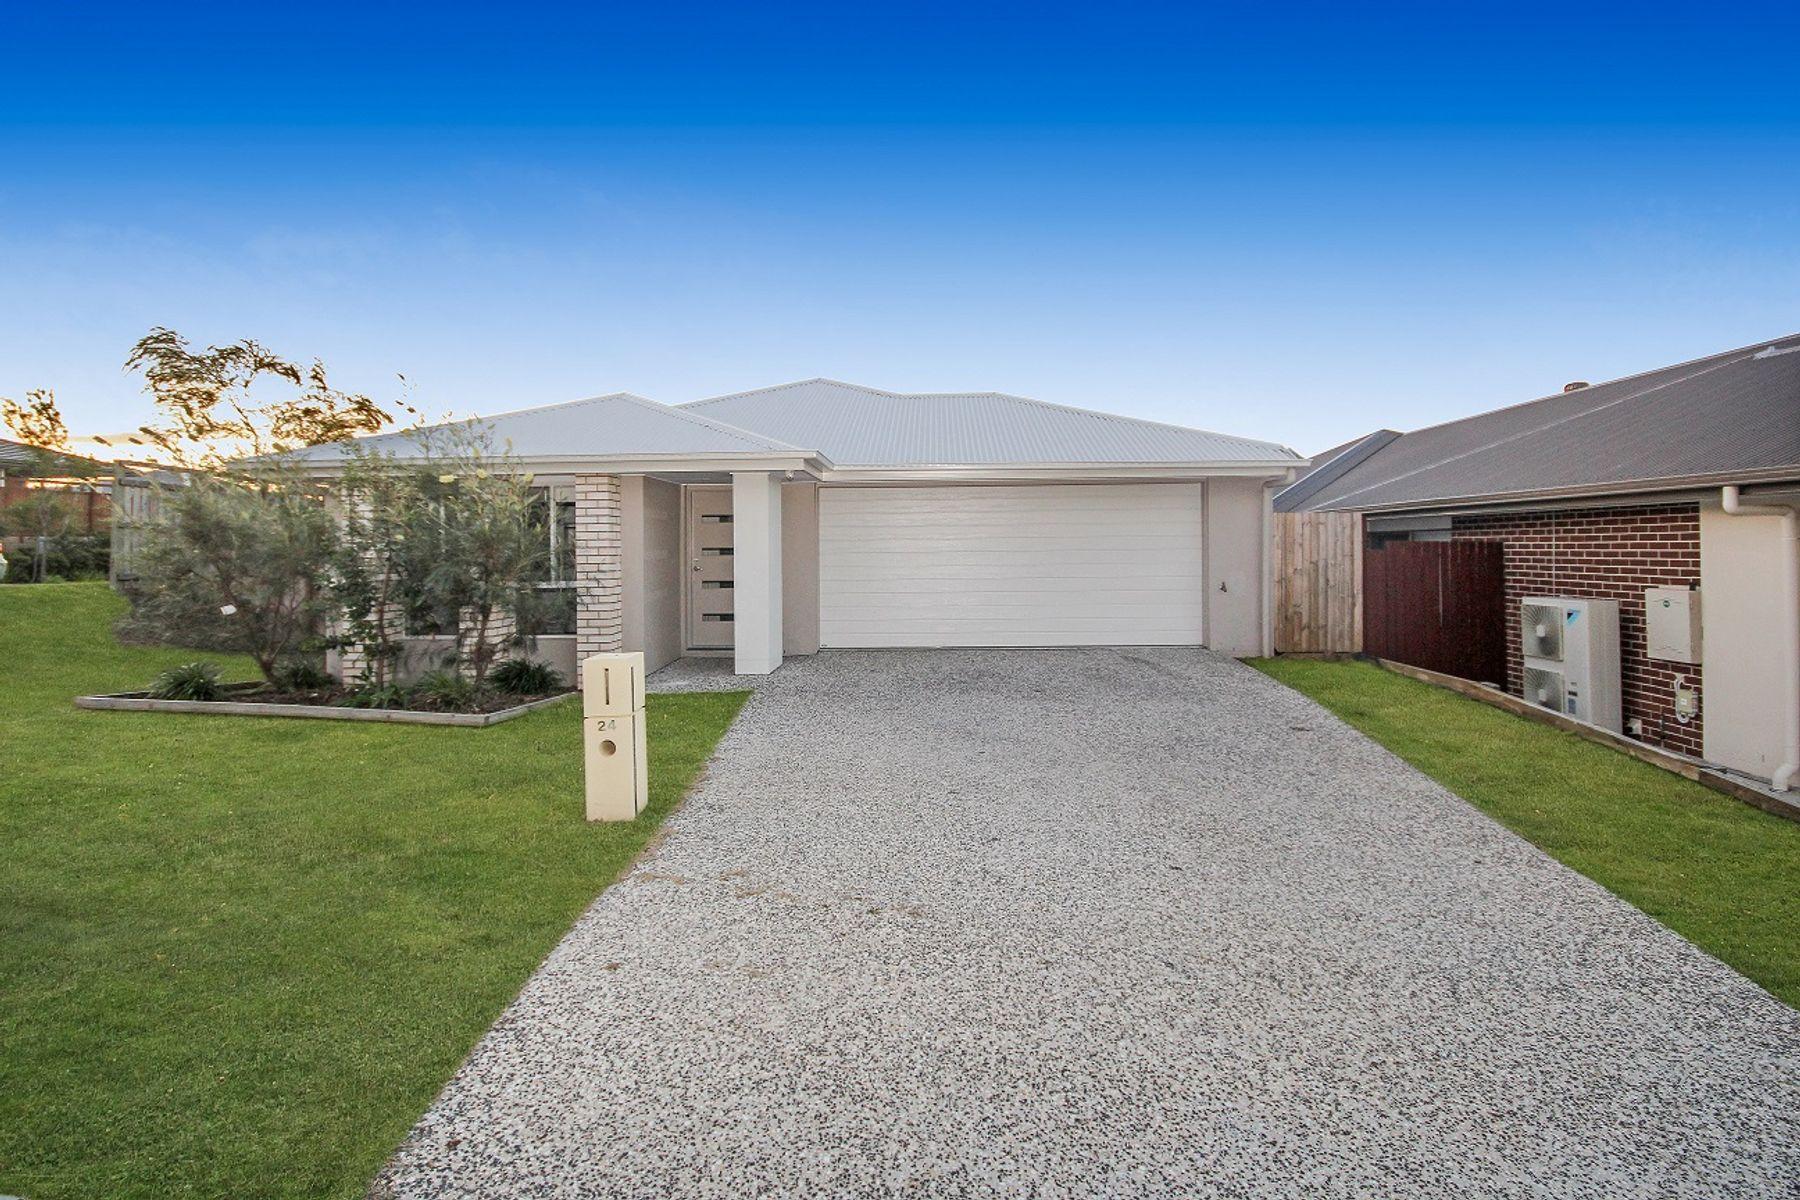 24 Hardwood Street, Spring Mountain, QLD 4300